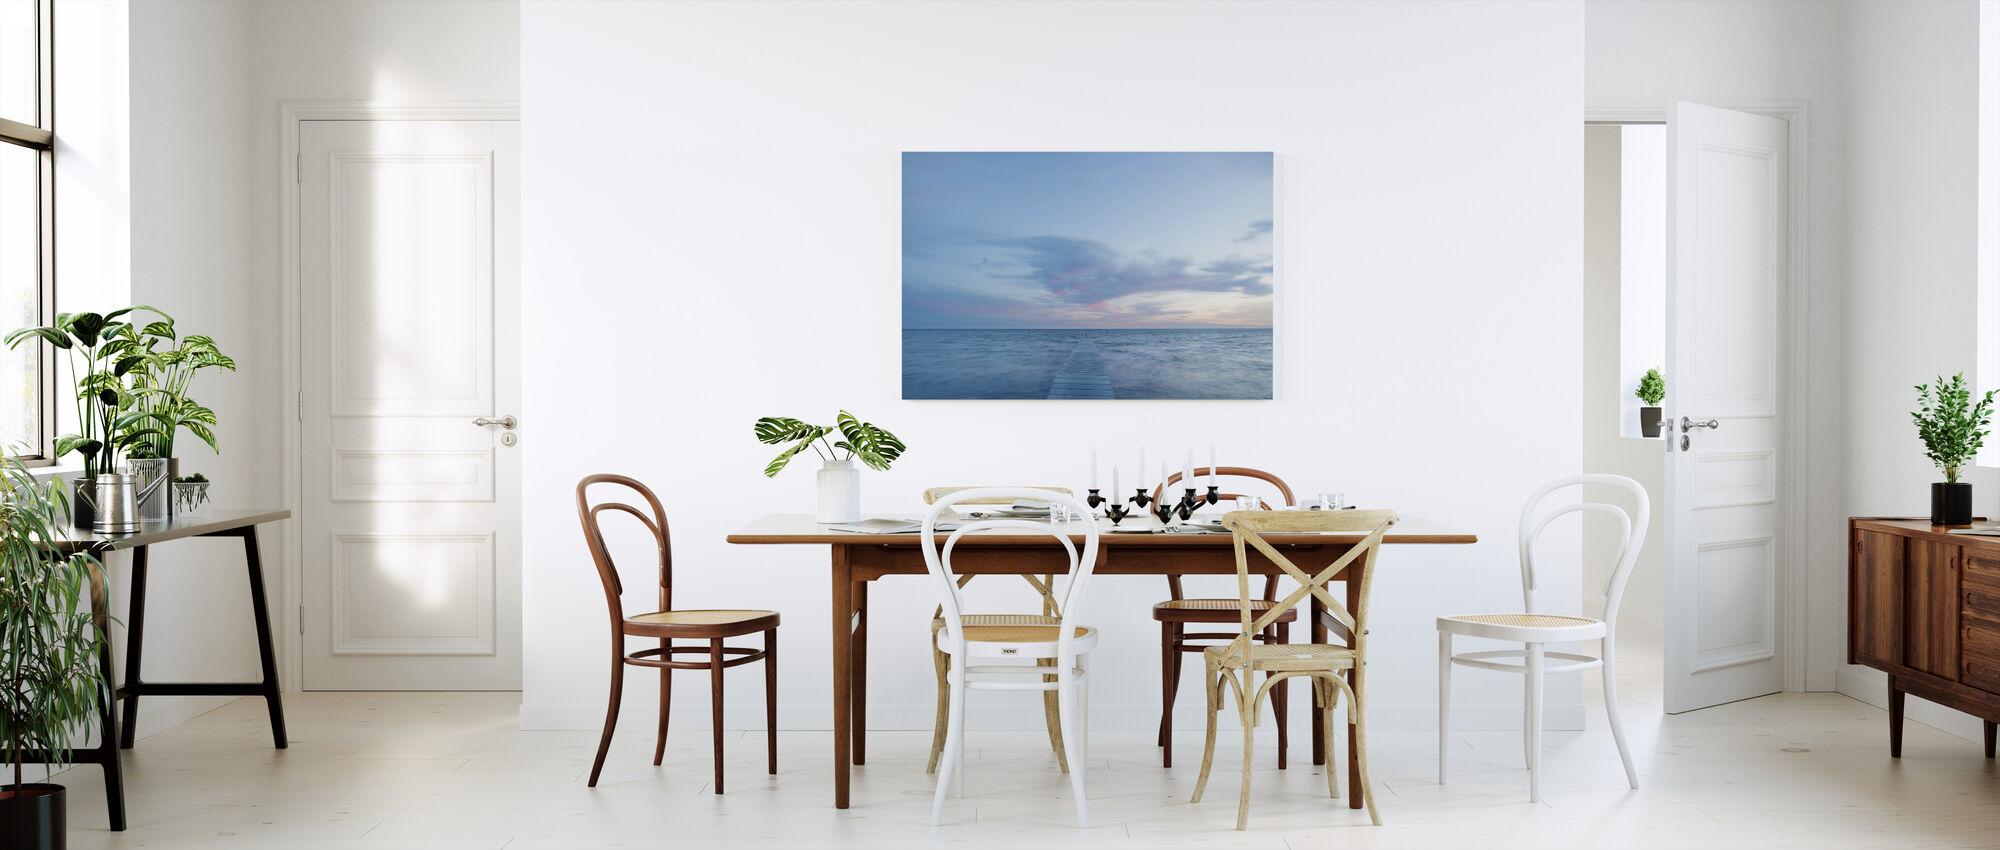 Västerstadsviken, Sweden - Canvas print - Kitchen